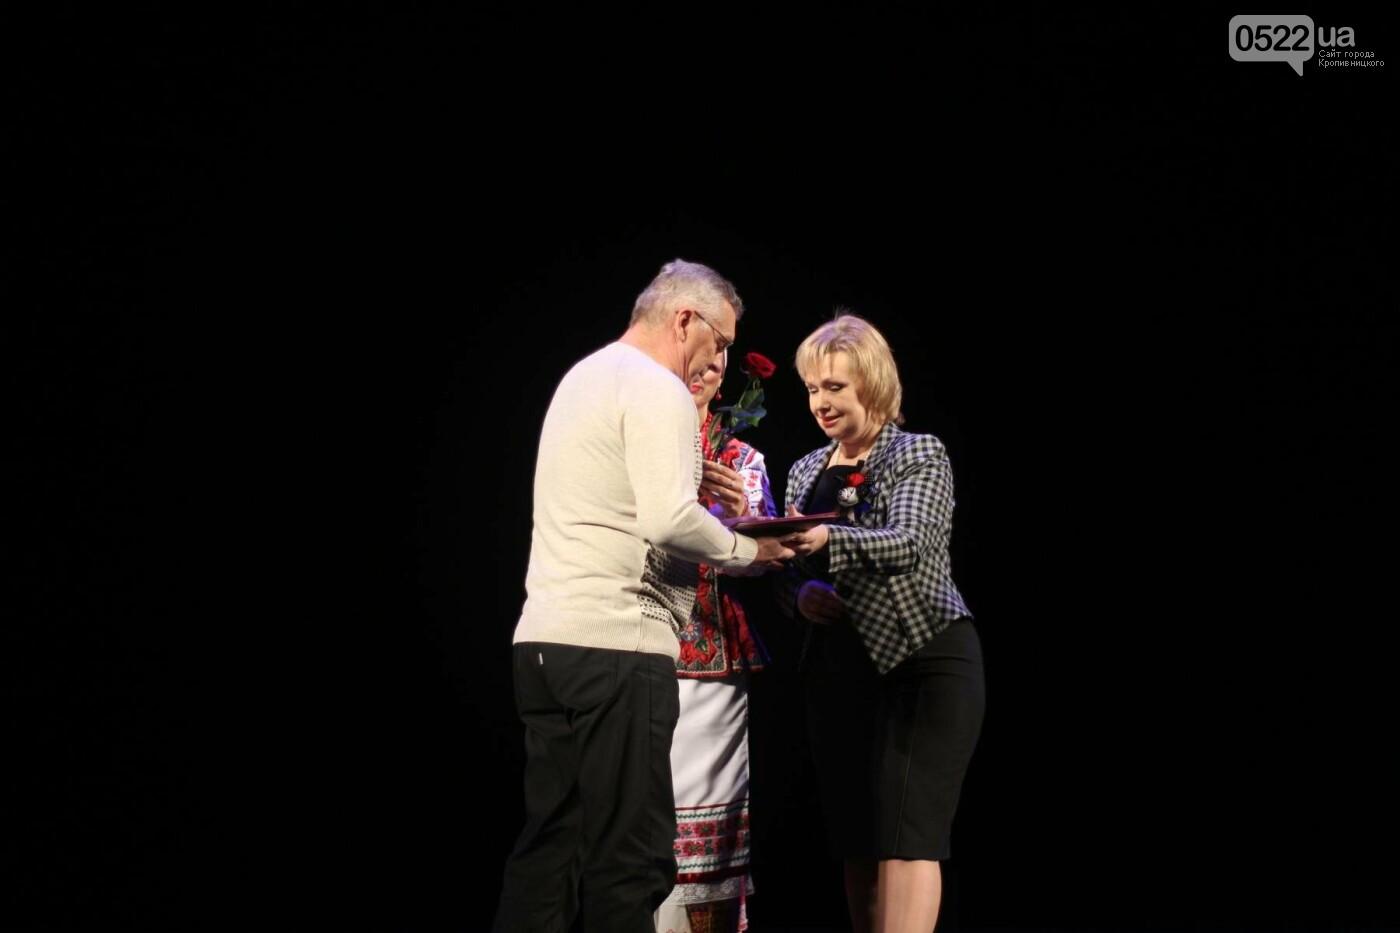 Урочистості до Міжнародного дня людей з інвалідністю відбулися у Кропивницькому, фото-2